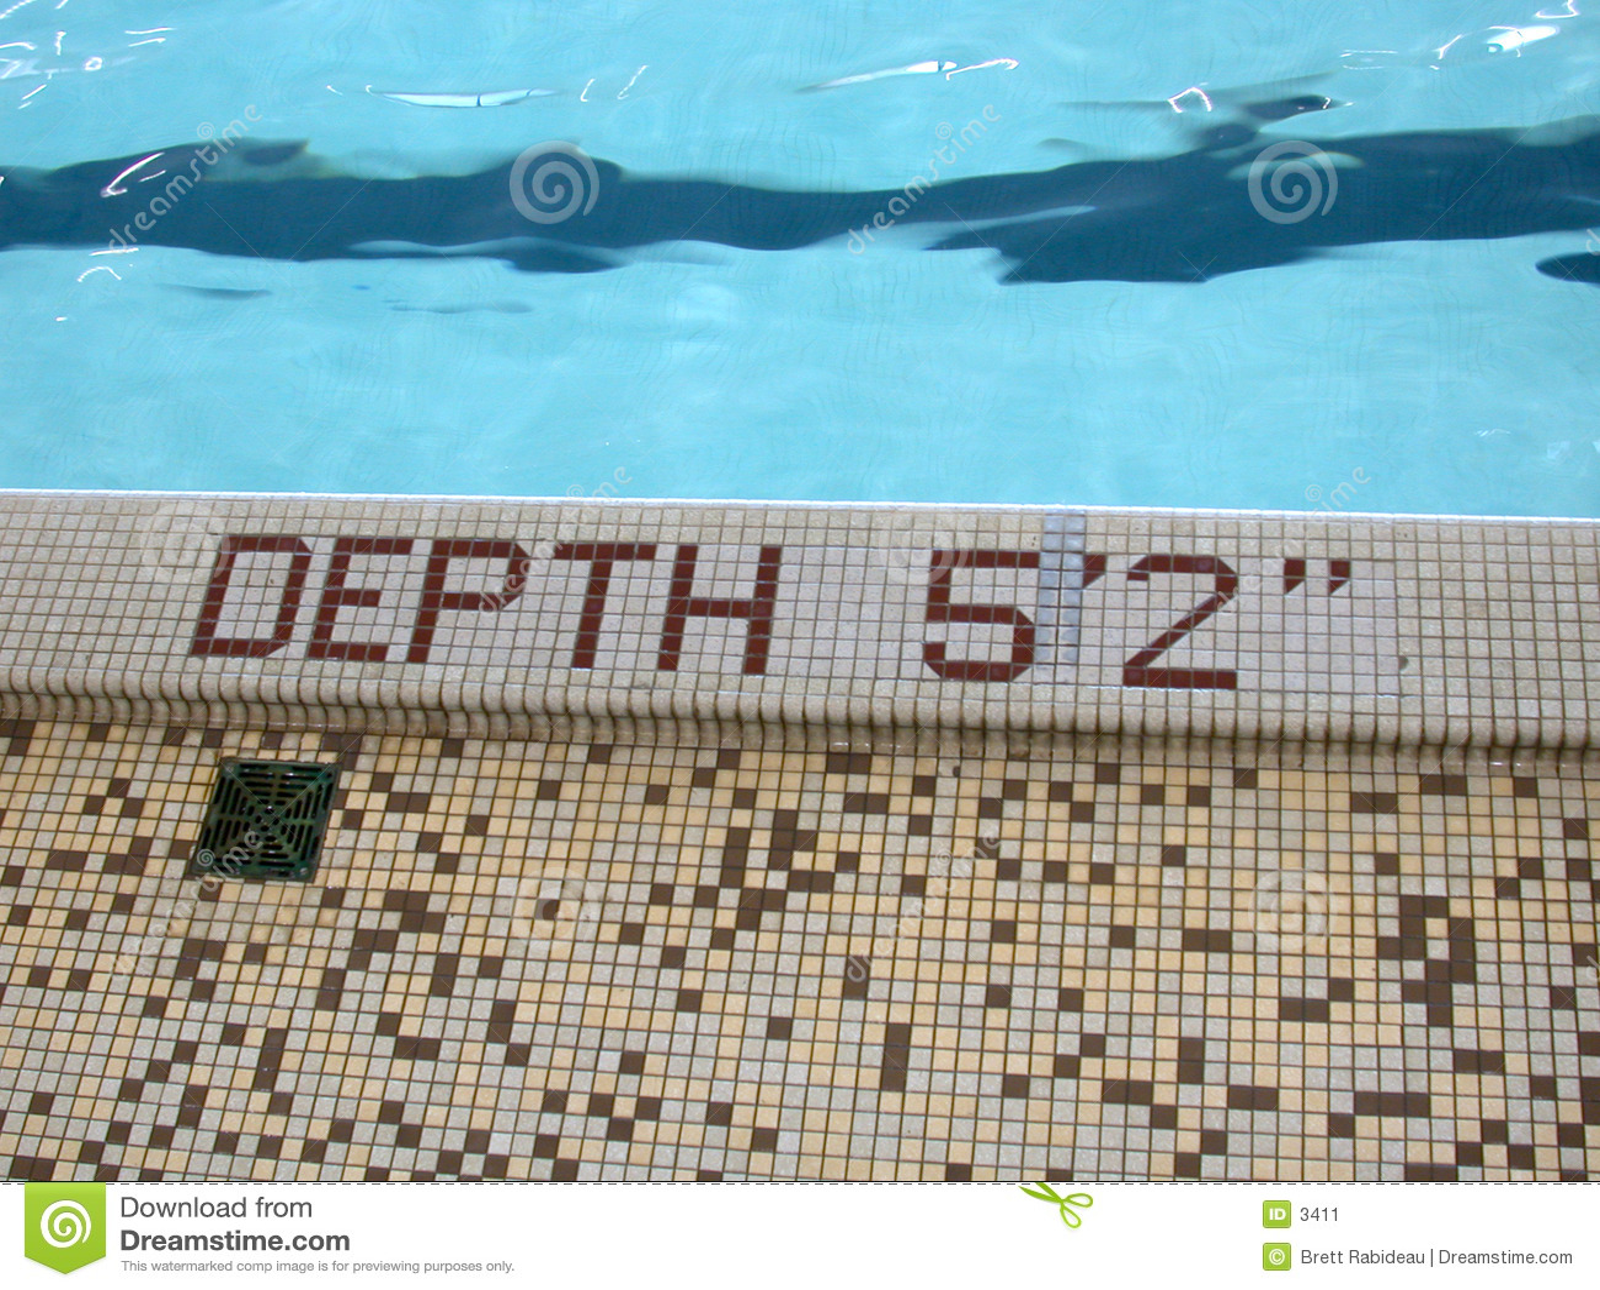 2 5蓝色深度英尺池